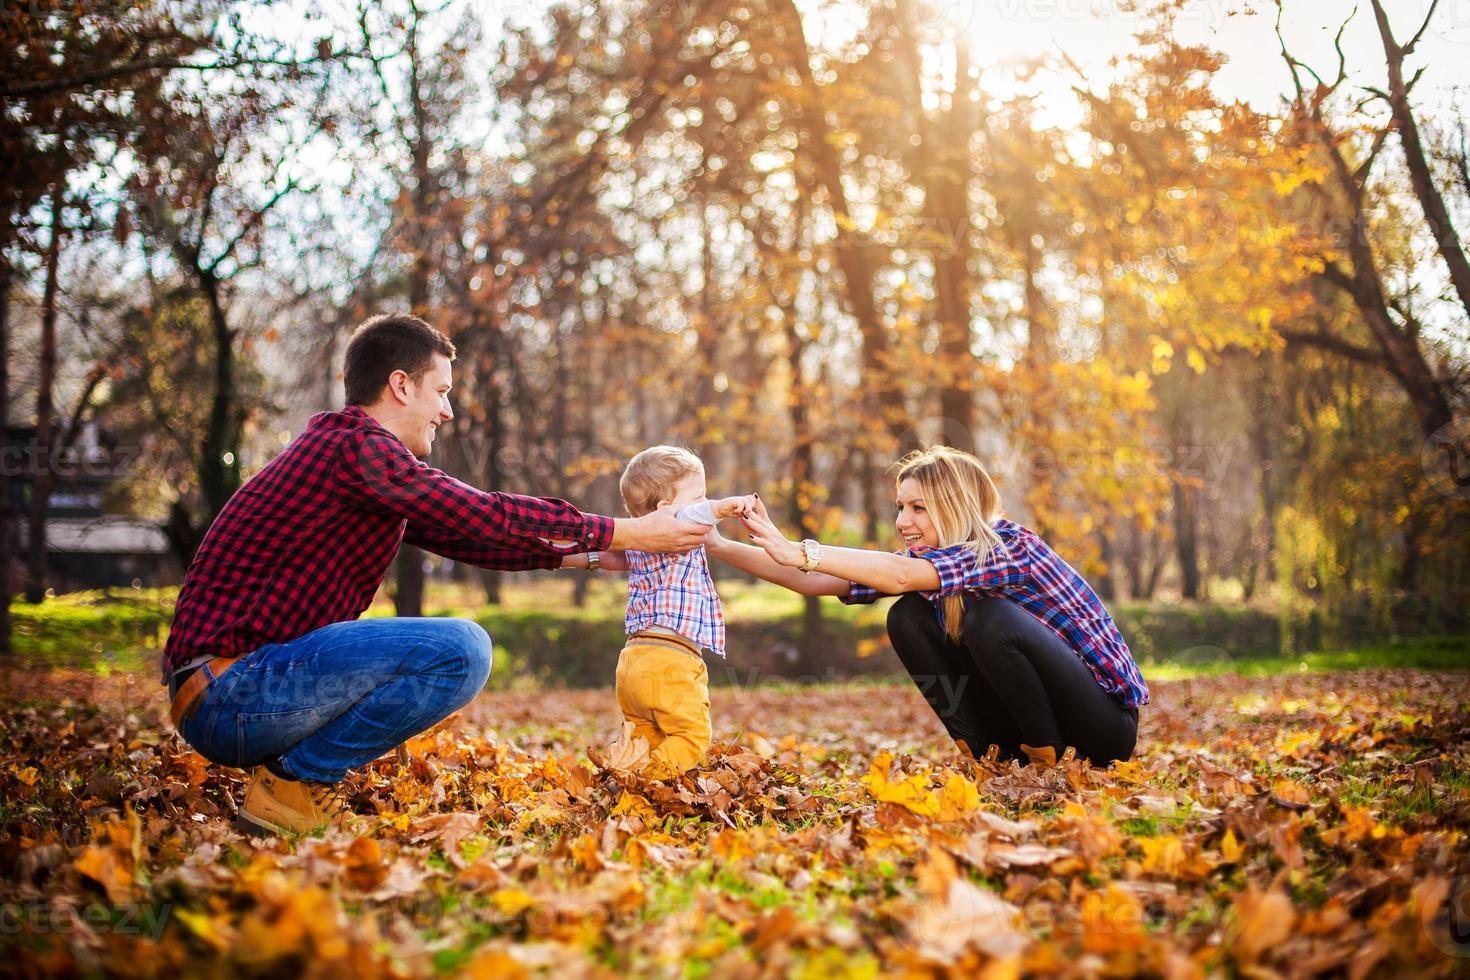 famiglia divertendosi in un parco foto